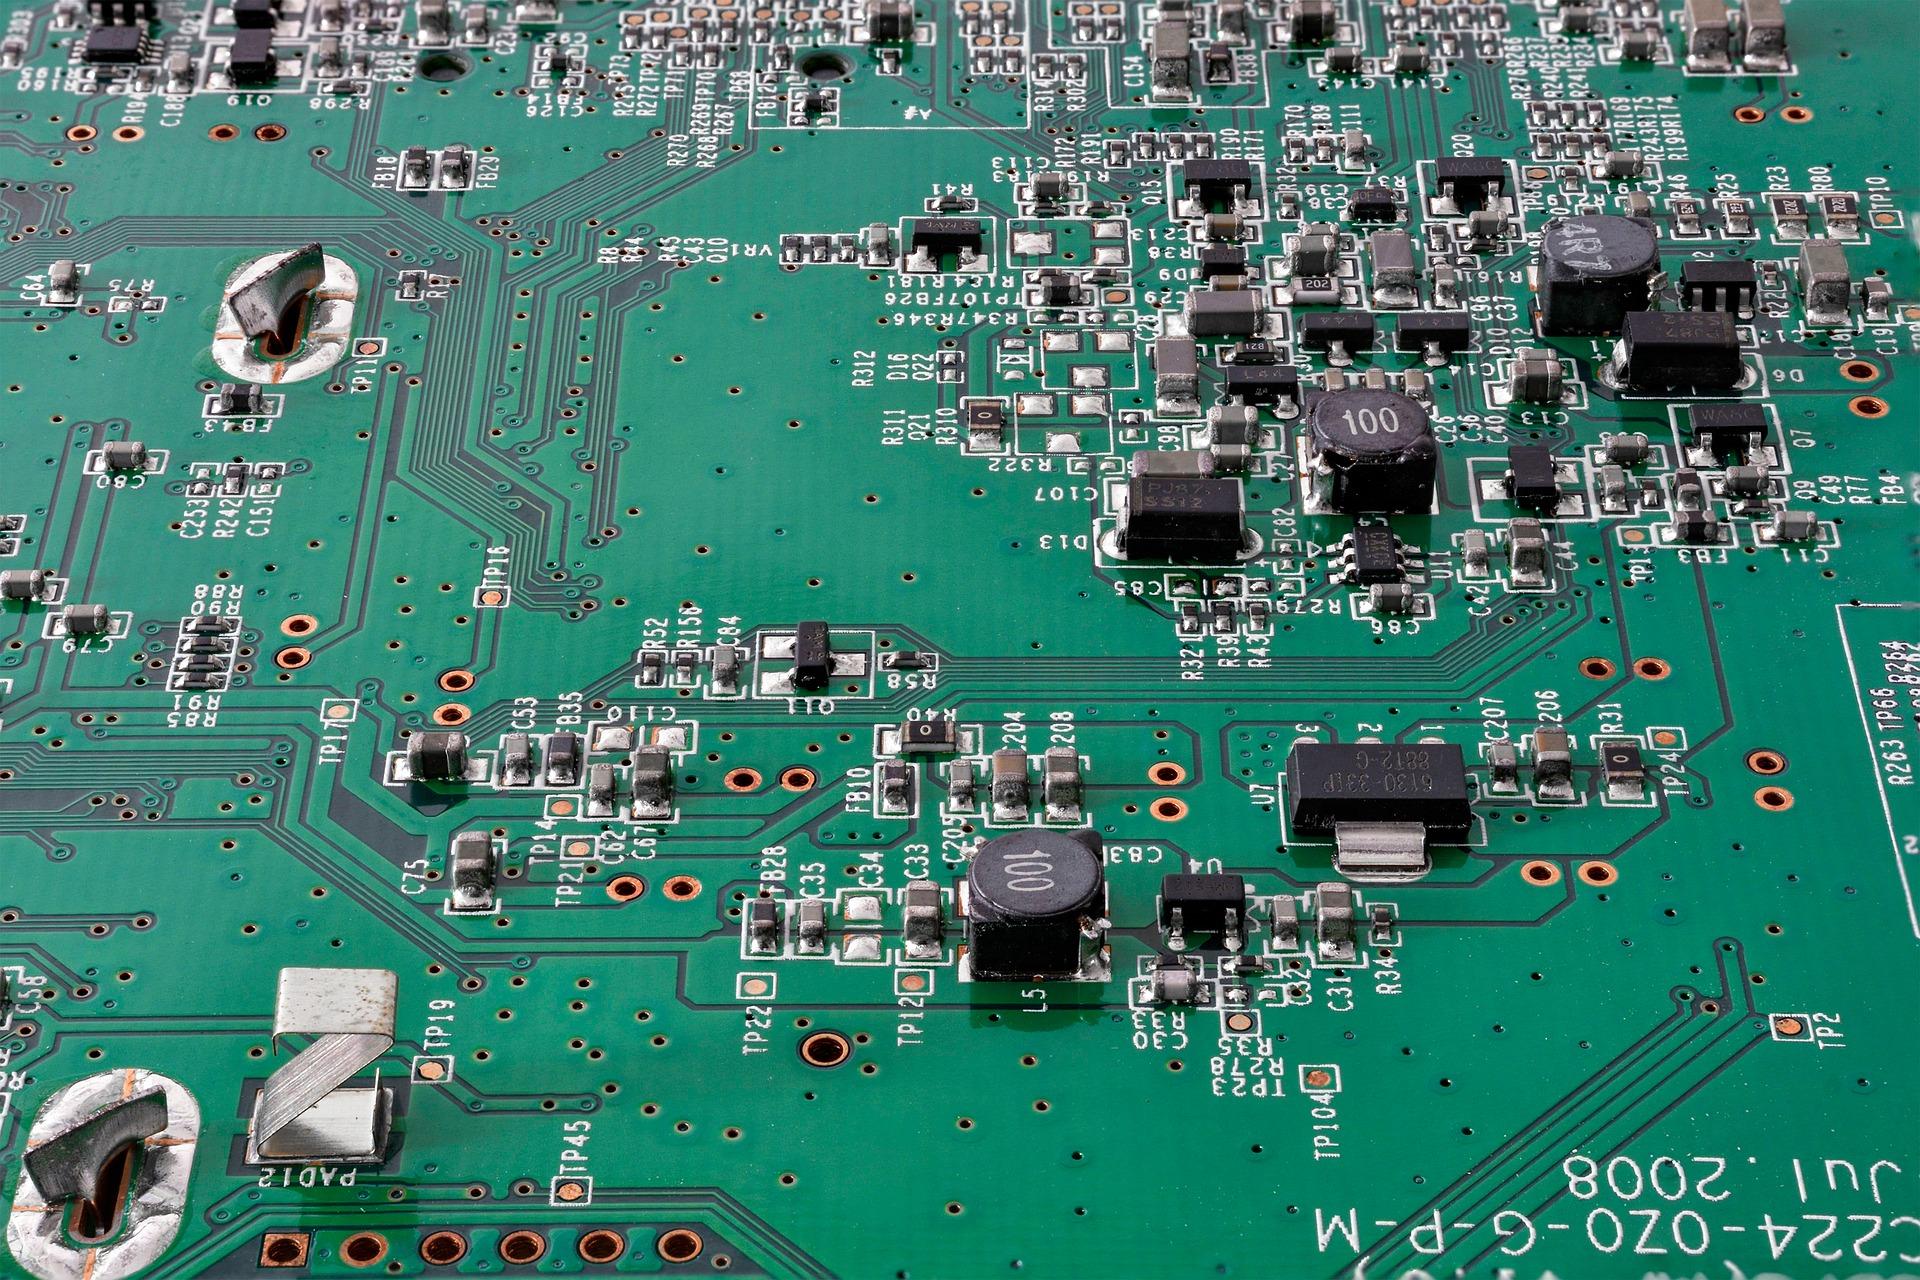 Einsatzbereiche von Einplatinenrechnern